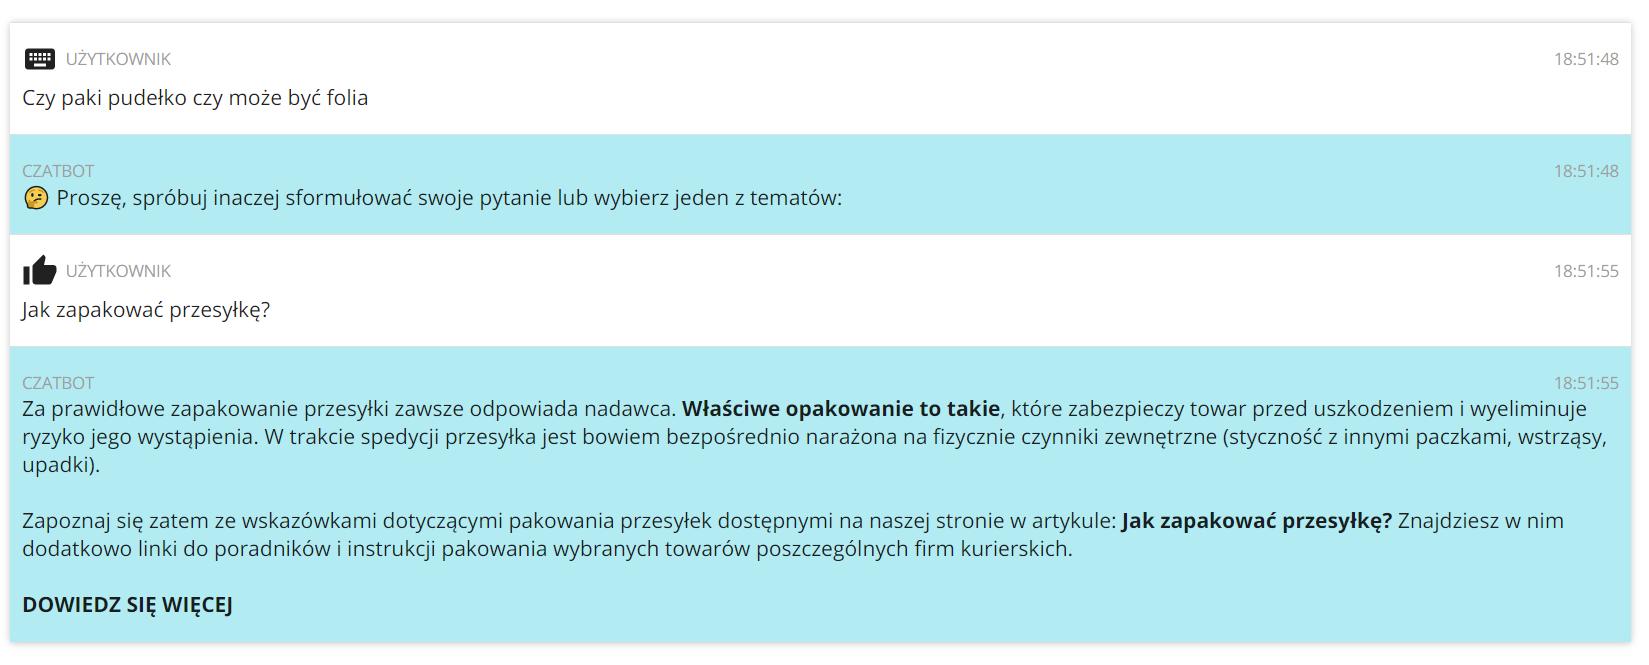 Jak działa czatbot na Furgonetka.pl w przypadku niezrozumienia pytania?